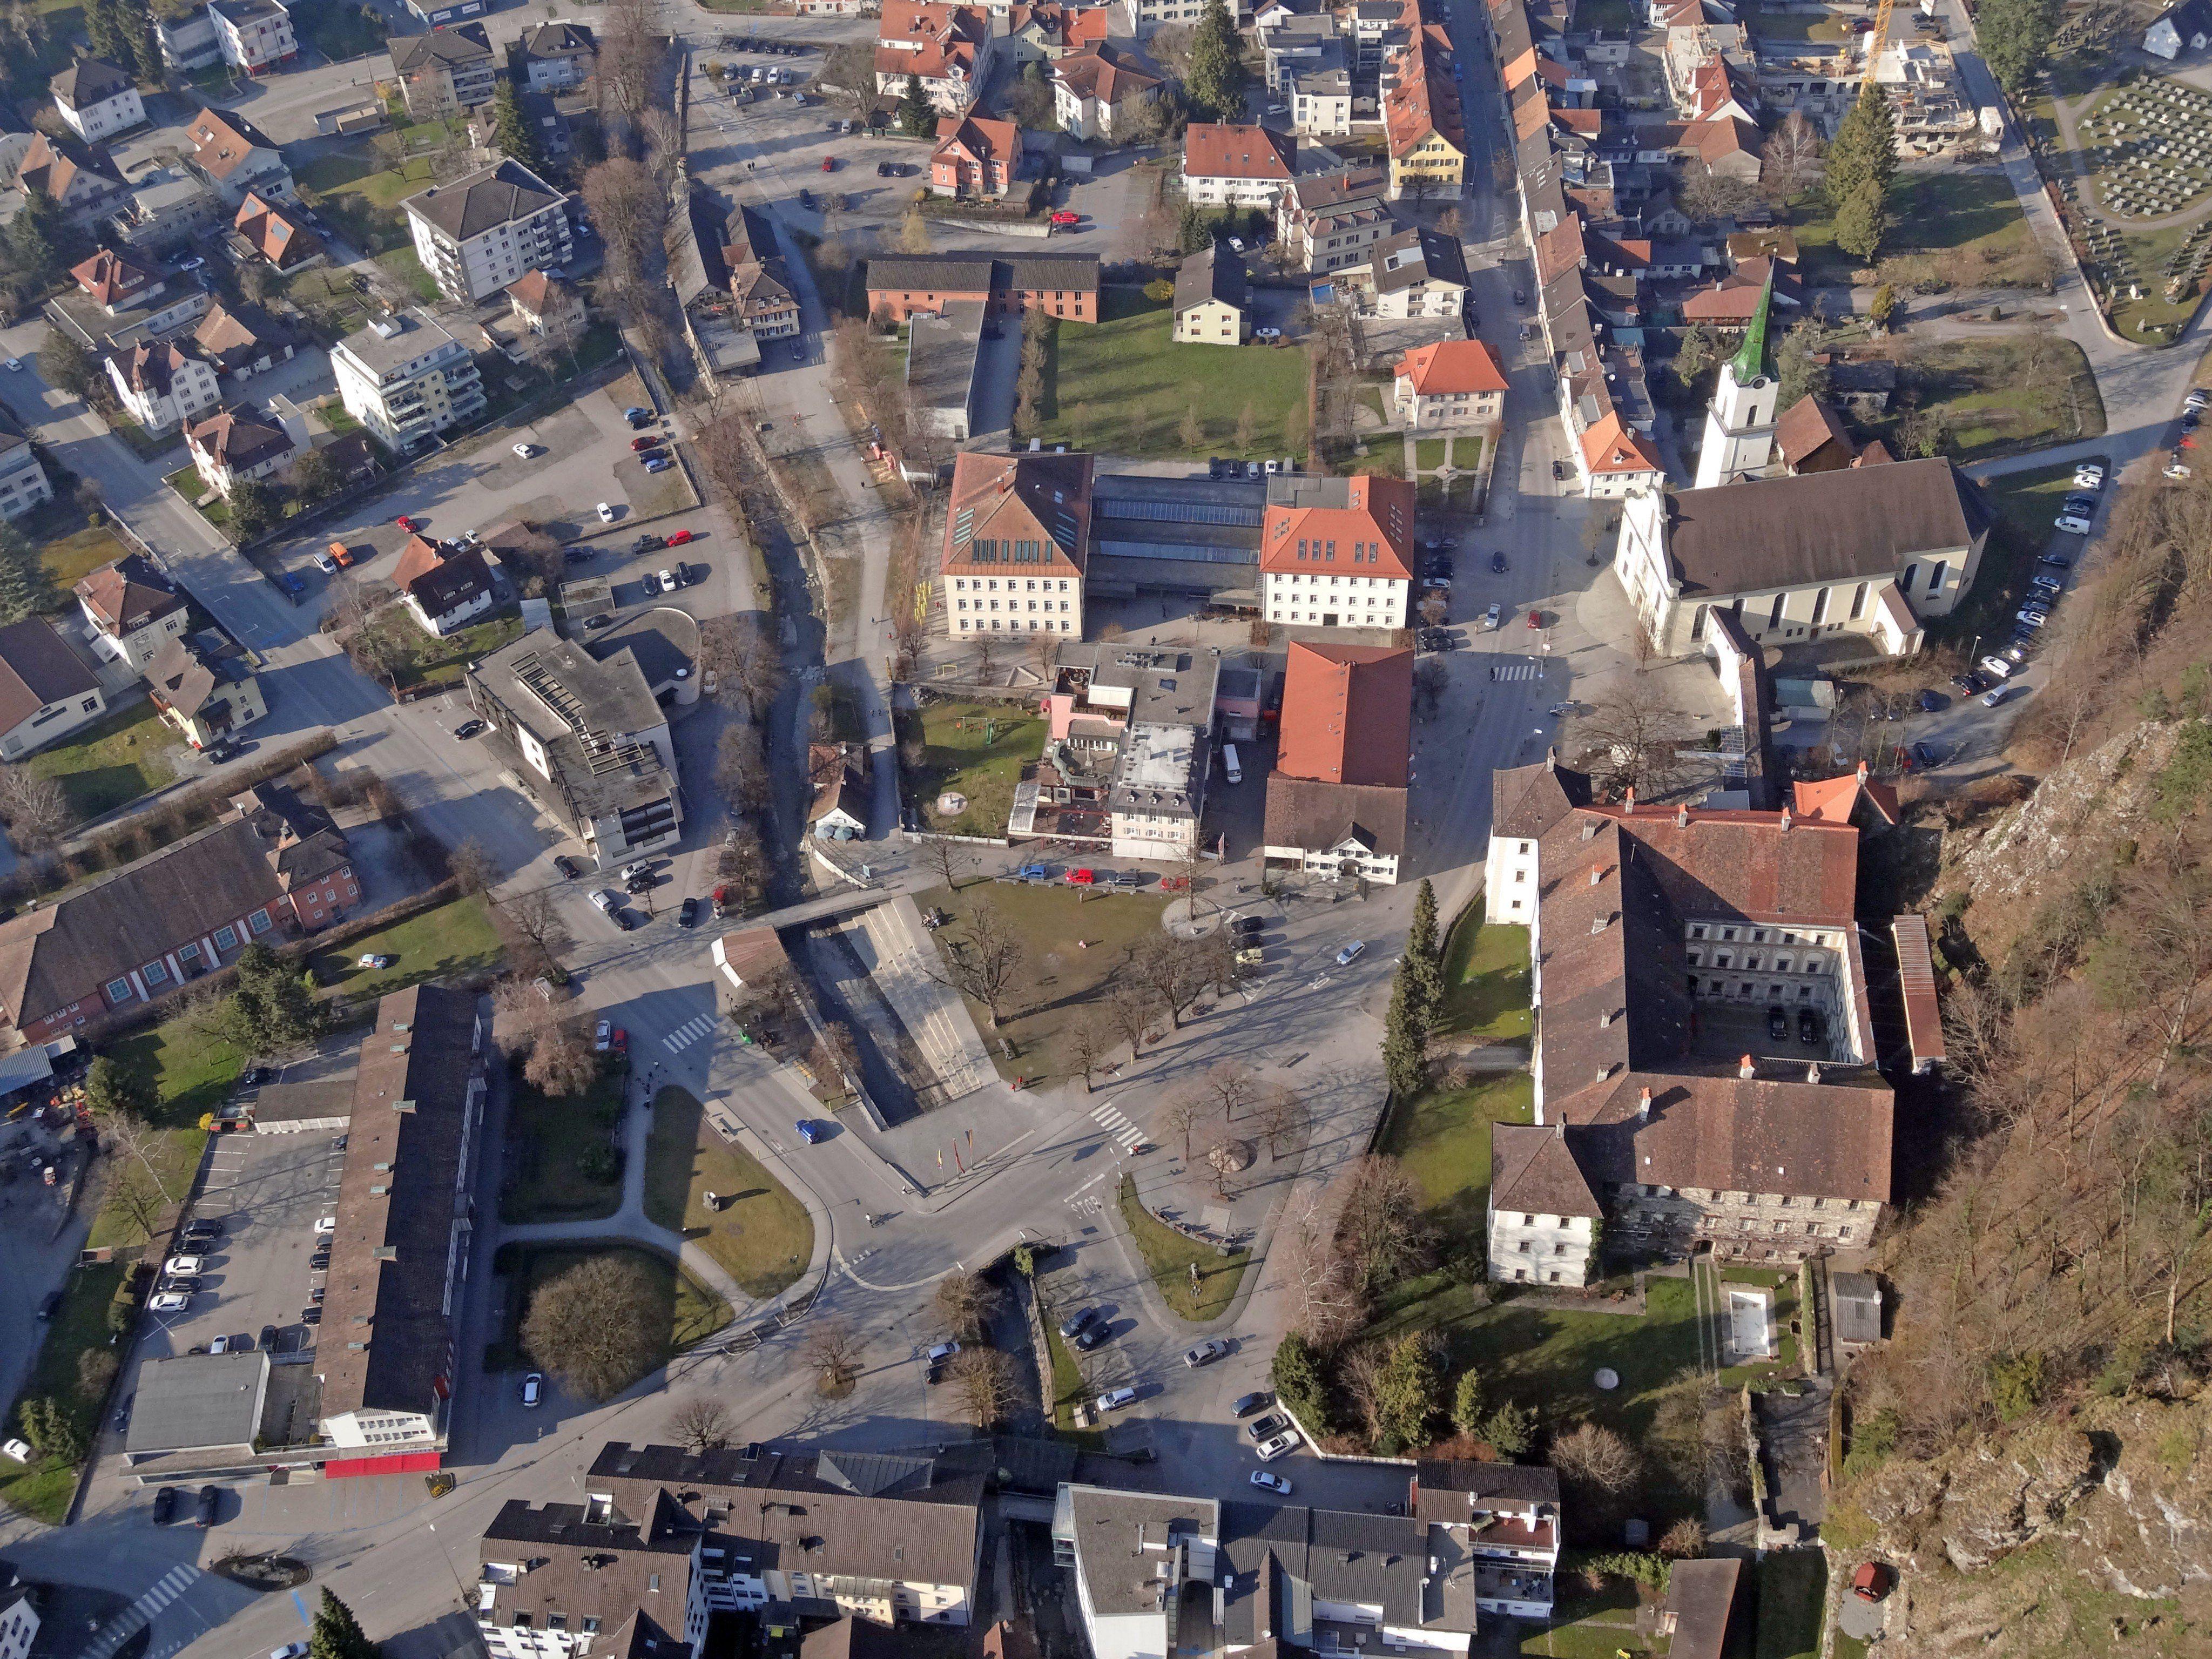 Am 13. Oktober findet die Kick-off-Veranstaltung für den Schlossplatz statt.